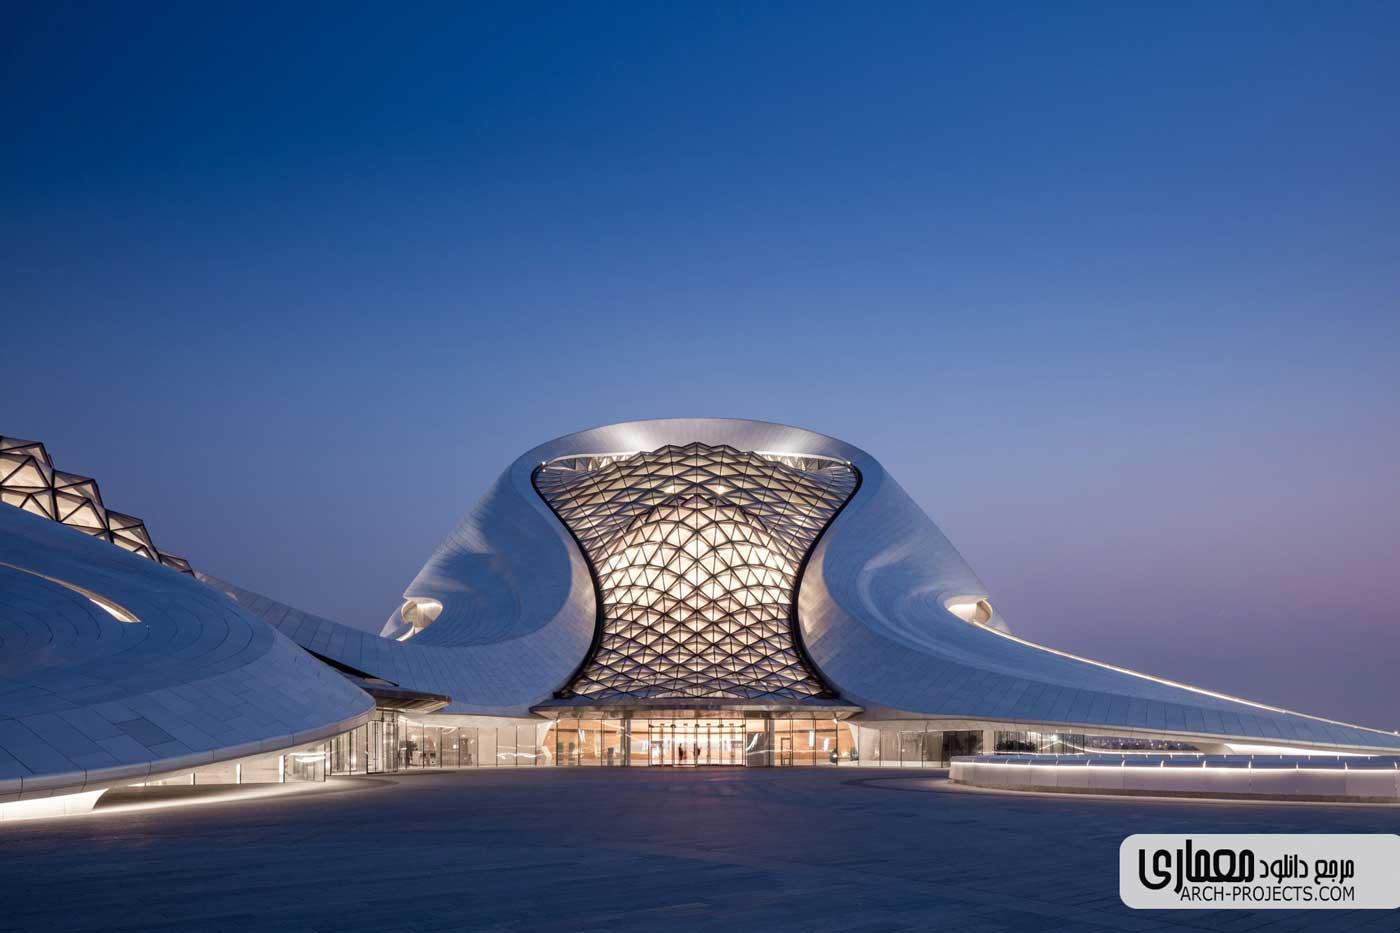 طراحی خانه اپرای Harbin